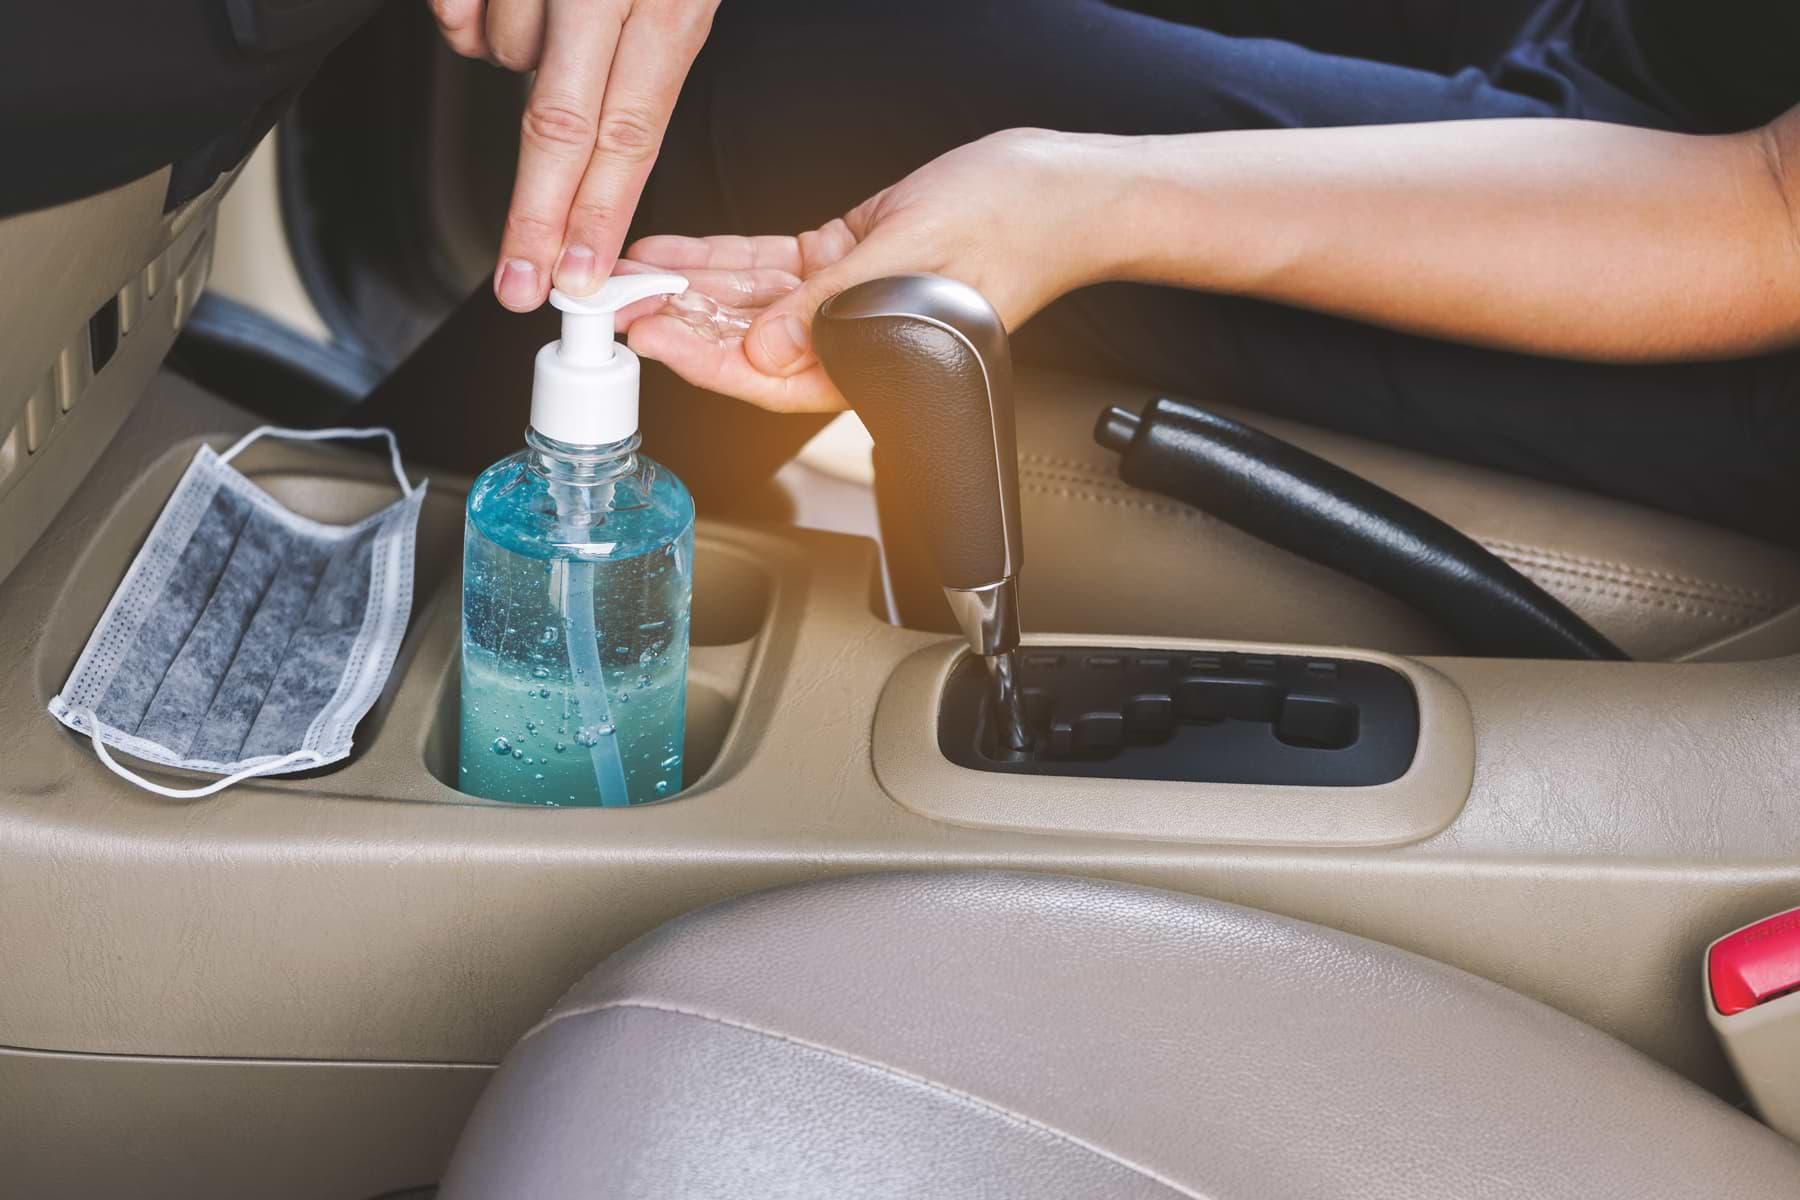 kit de limpieza auto